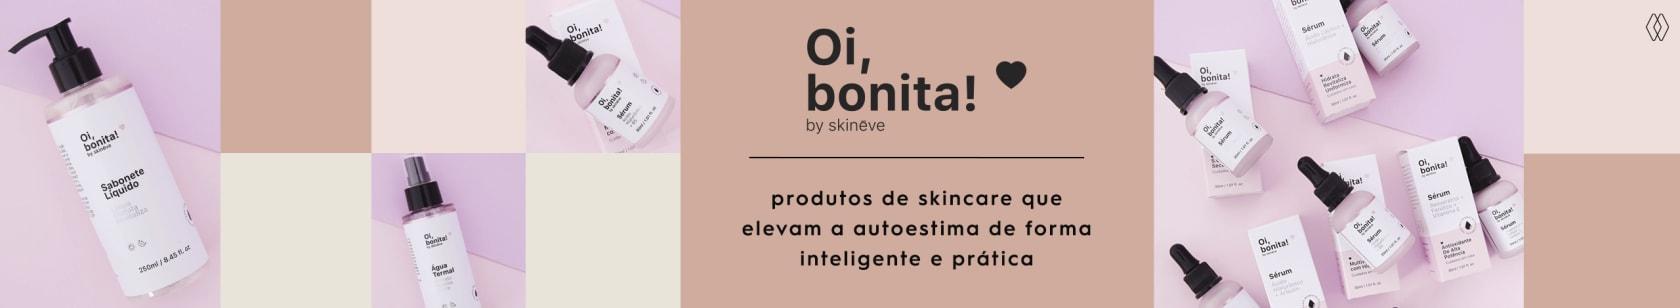 OI BONITA! | AMARO